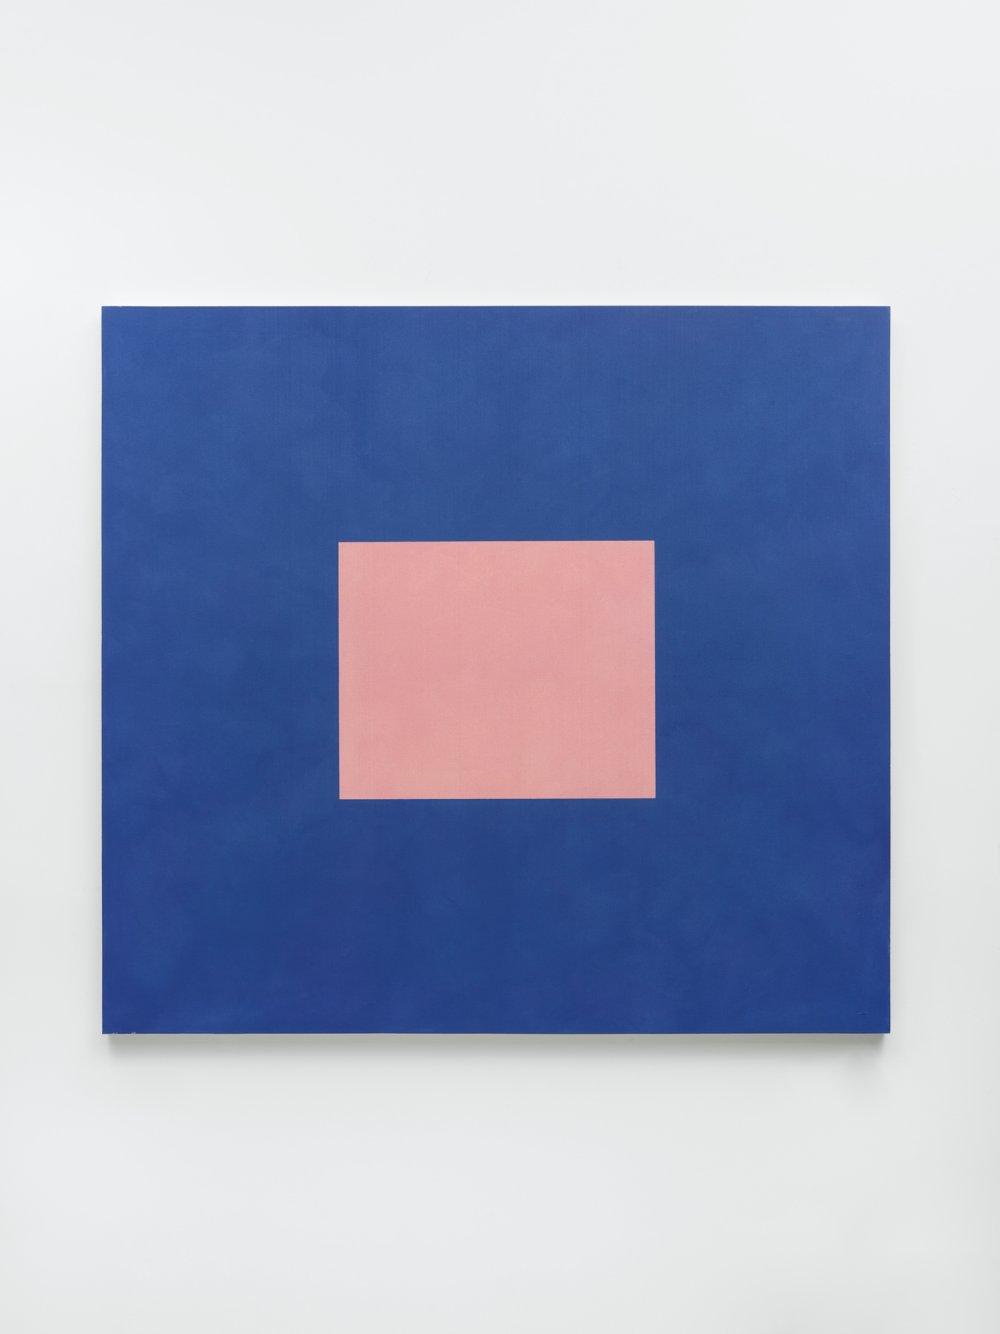 Light Pink with Cobalt Blue